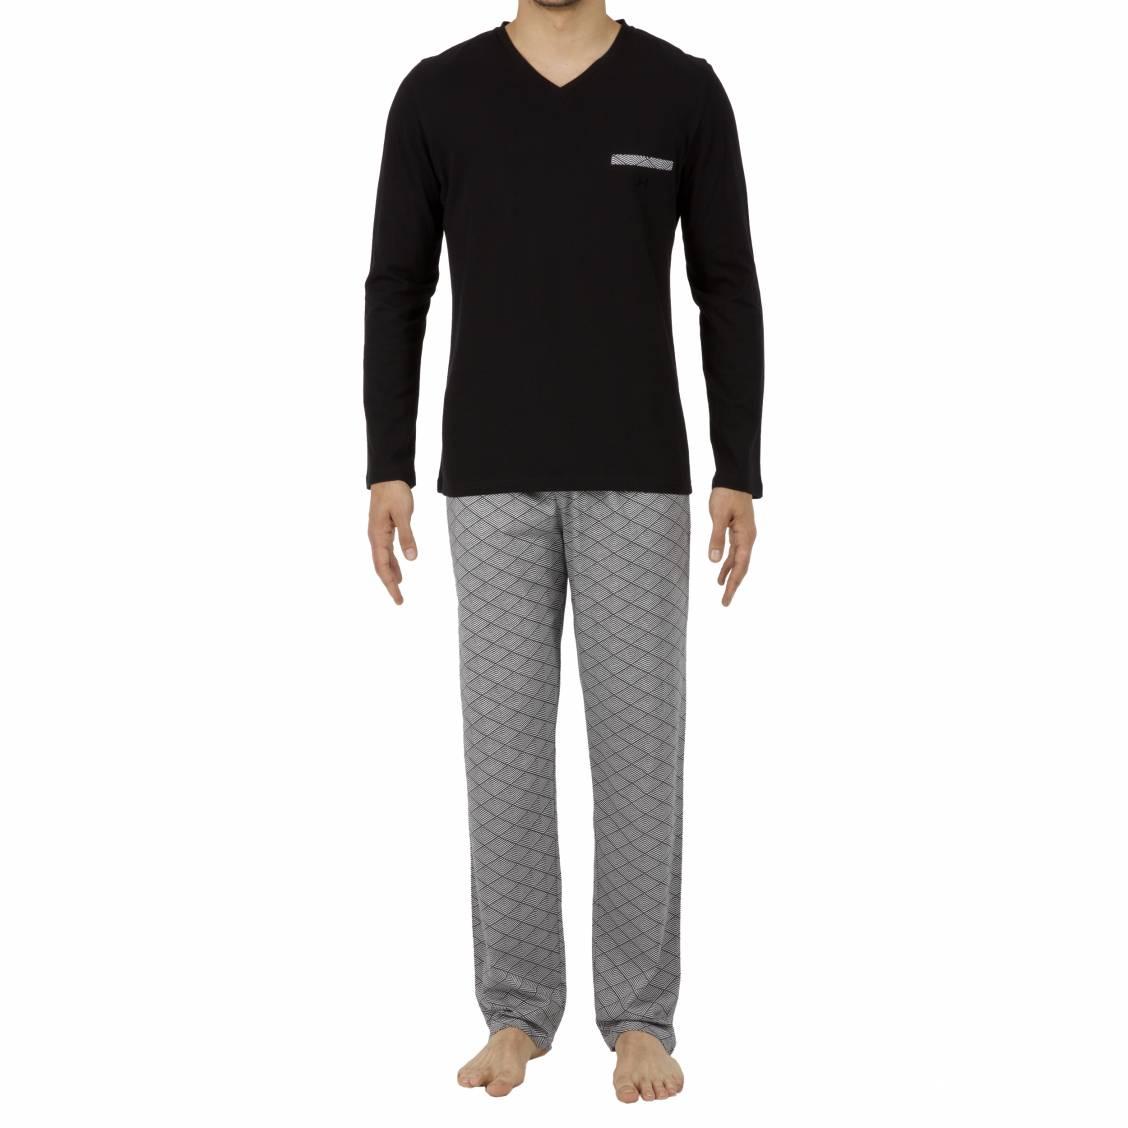 Pyjama long Hom Kaleido en coton : tee-shirt manches longues col rond noir et pantalon à motifs chevrons noirs et blancs